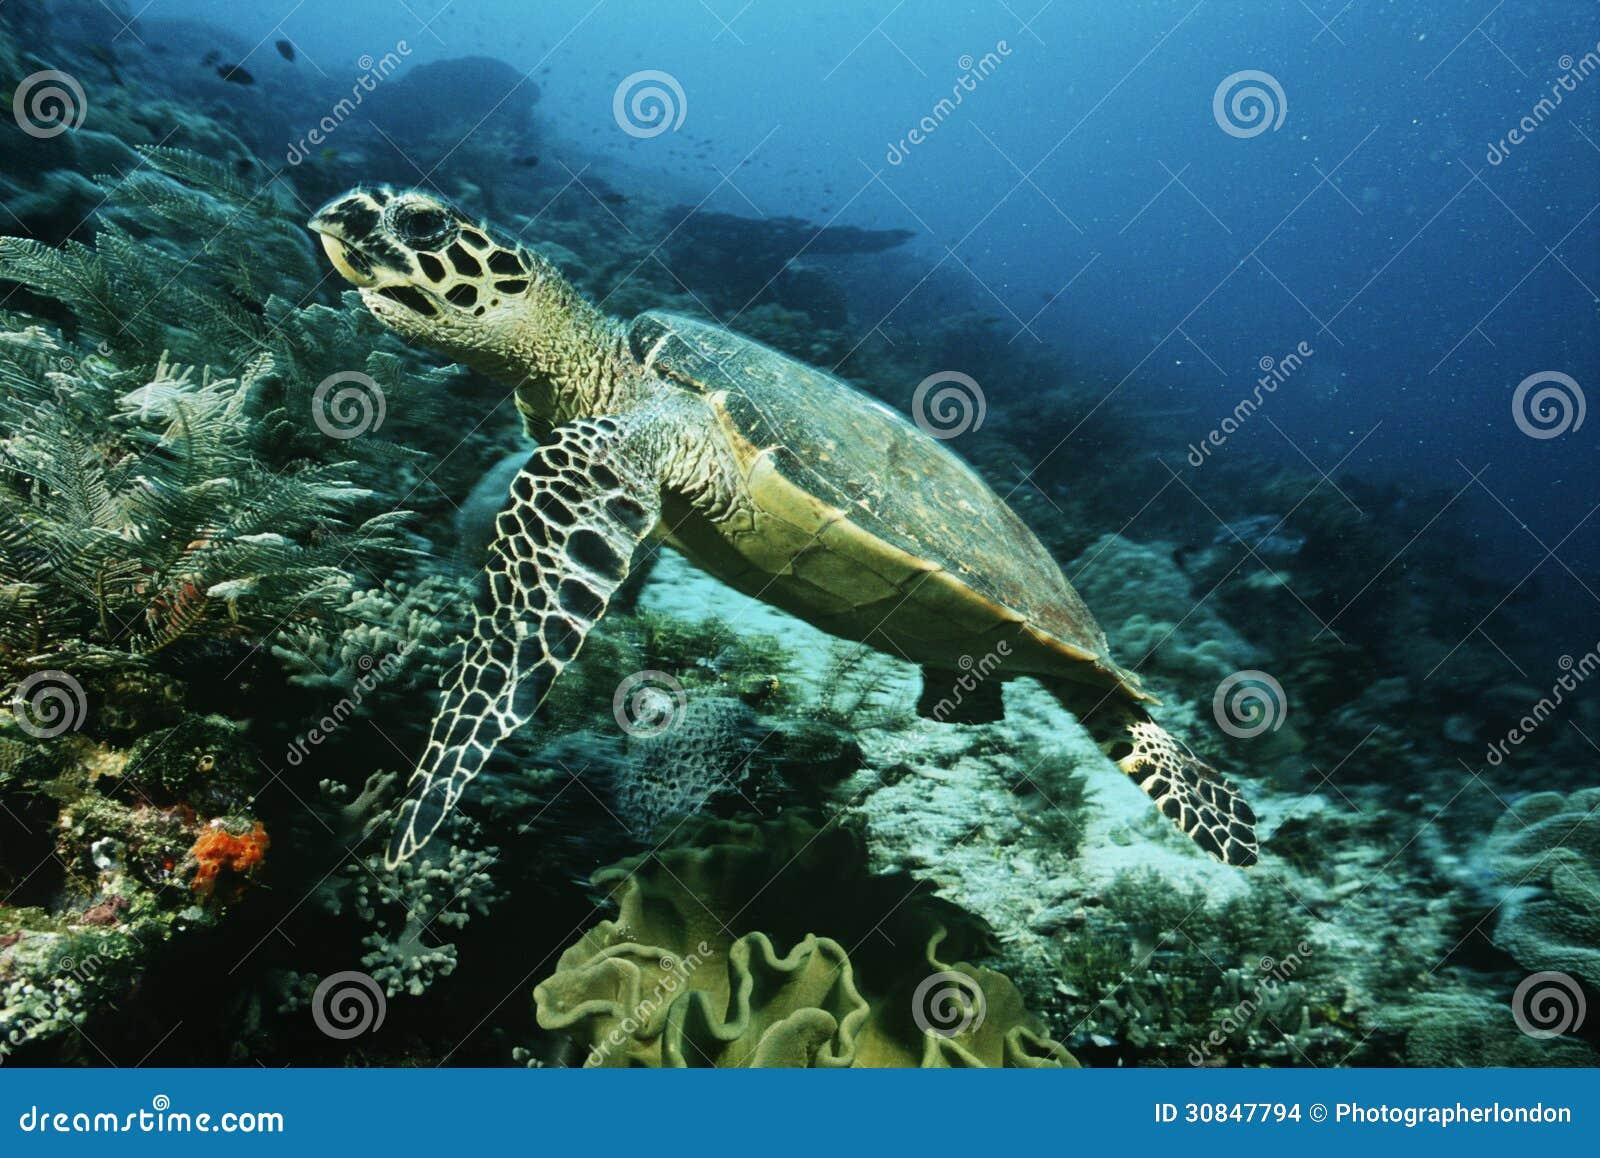 Χελώνα Ειρηνικών Ωκεανών Ampat Ινδονησία Raja hawksbill (eretmochelys imbricata) που ταξιδεύει επάνω από την κοραλλιογενή ύφαλο